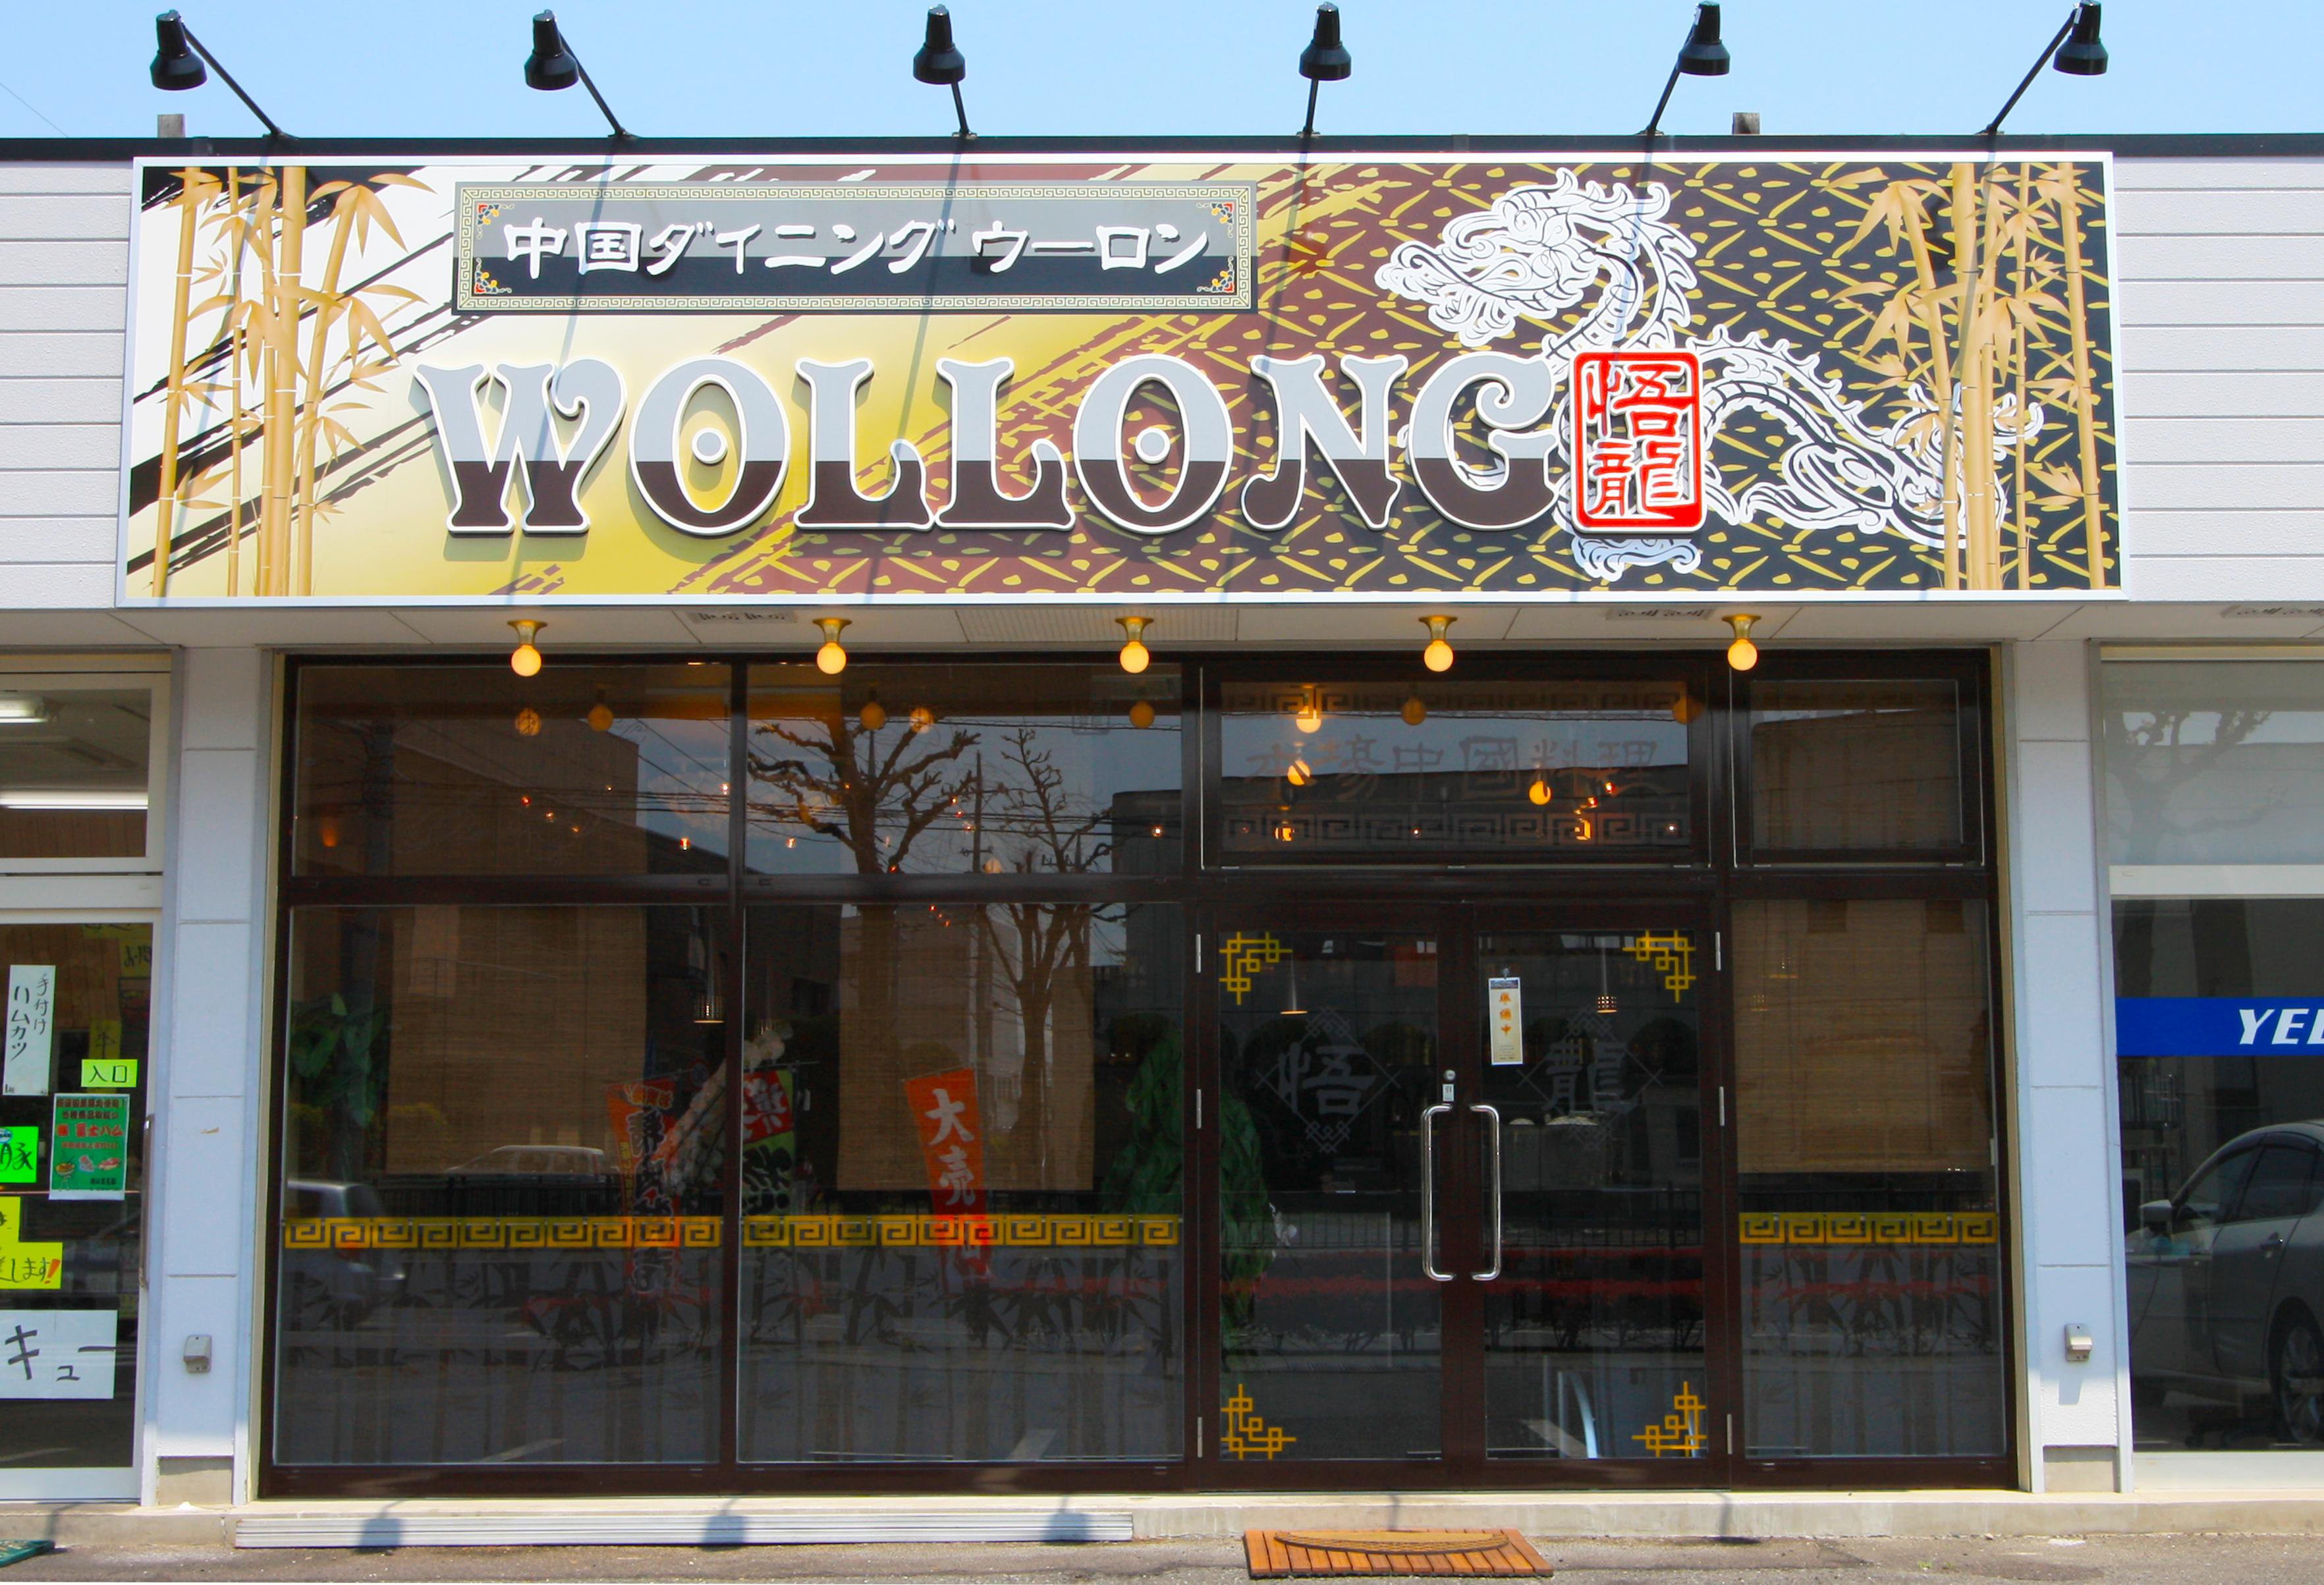 中国料理店の看板をデザイン・制作・施工しました